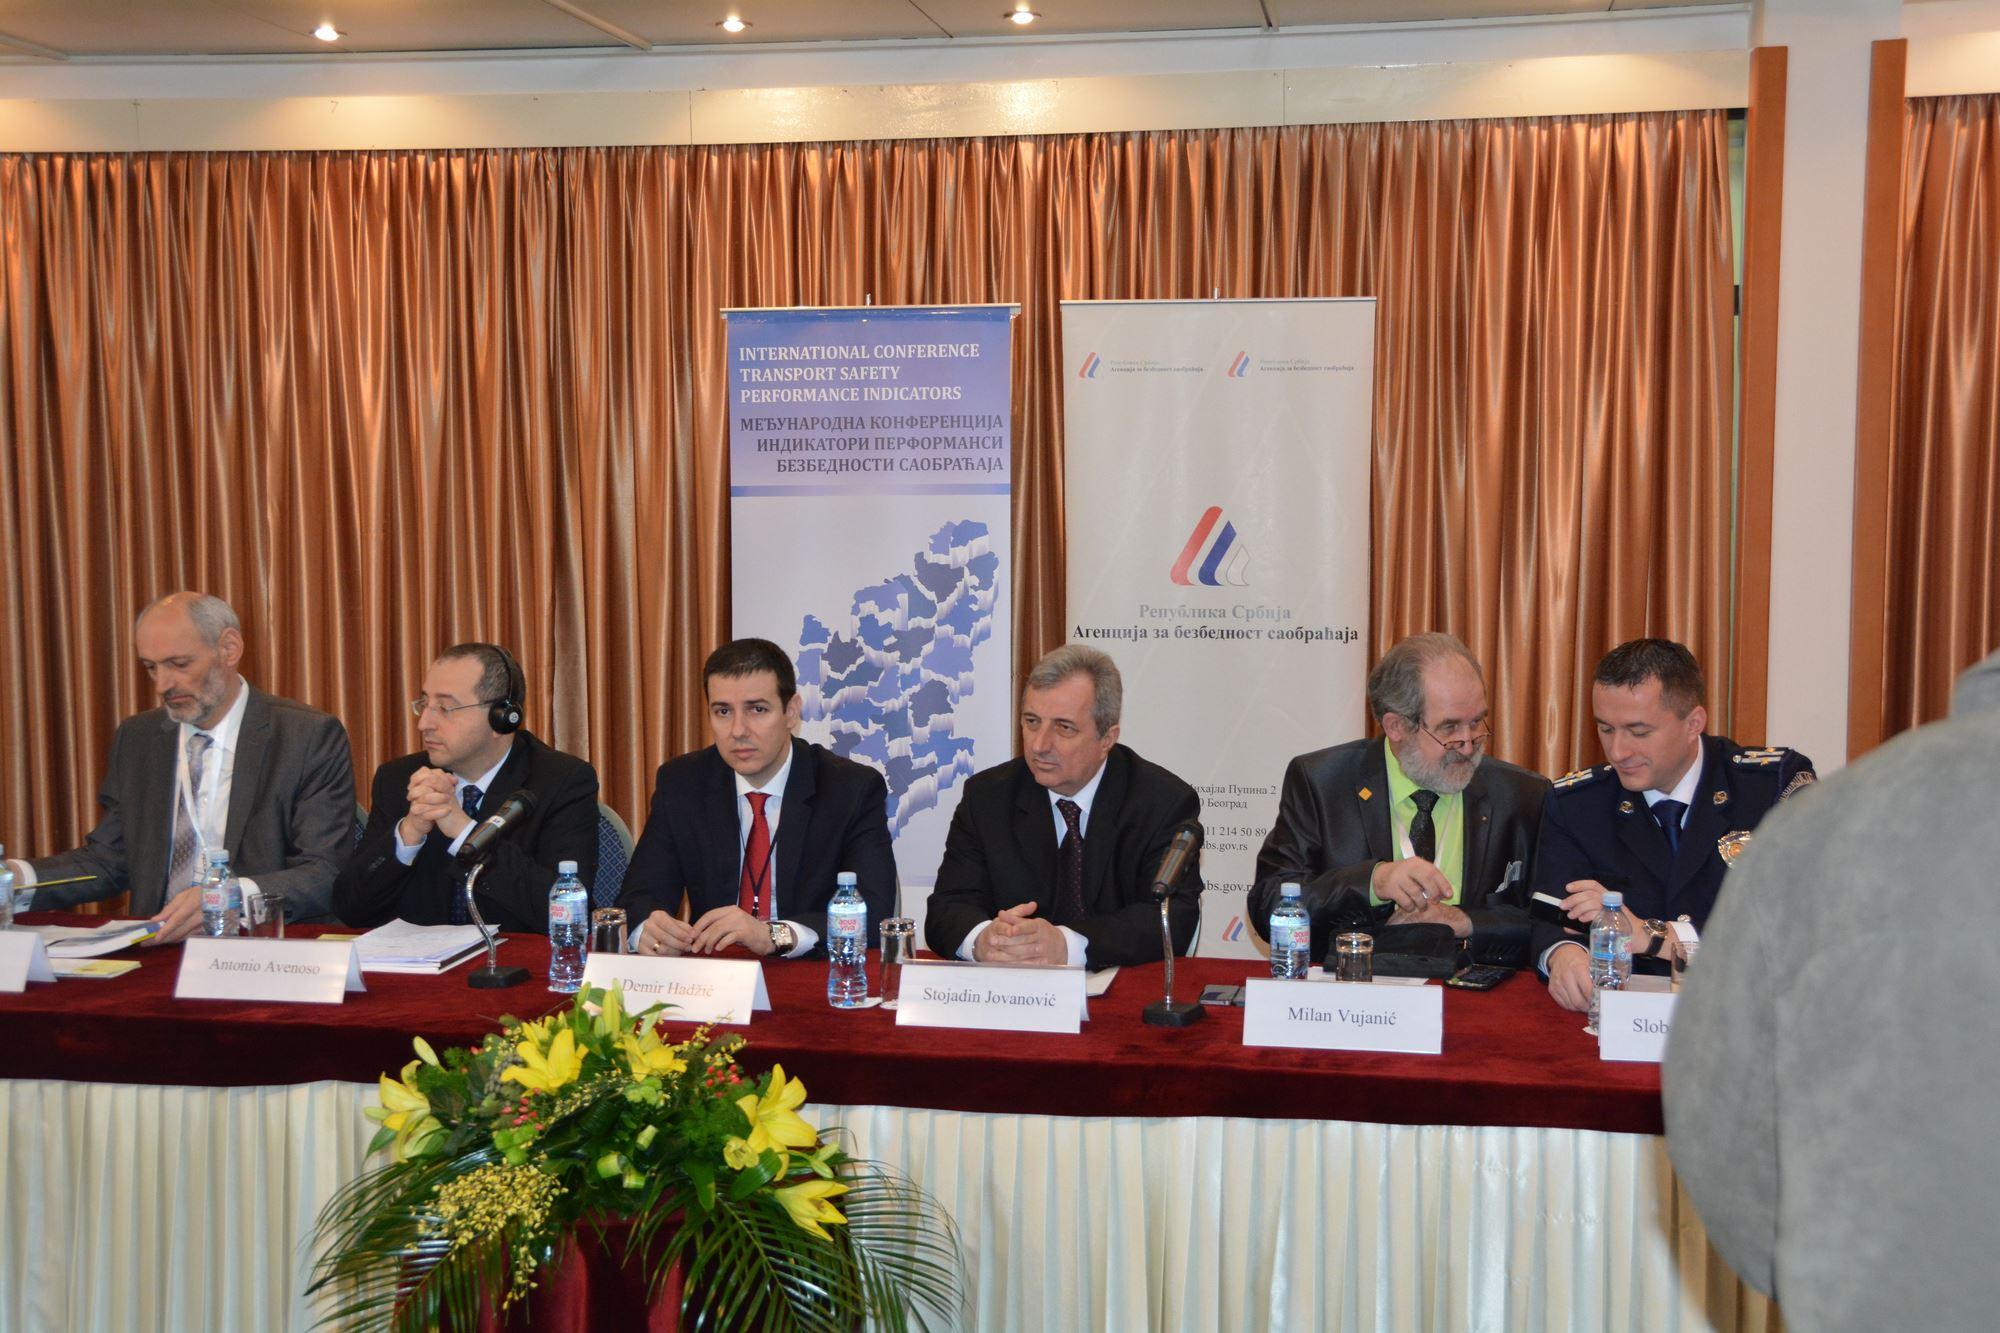 У Београду одржана међународна конференција